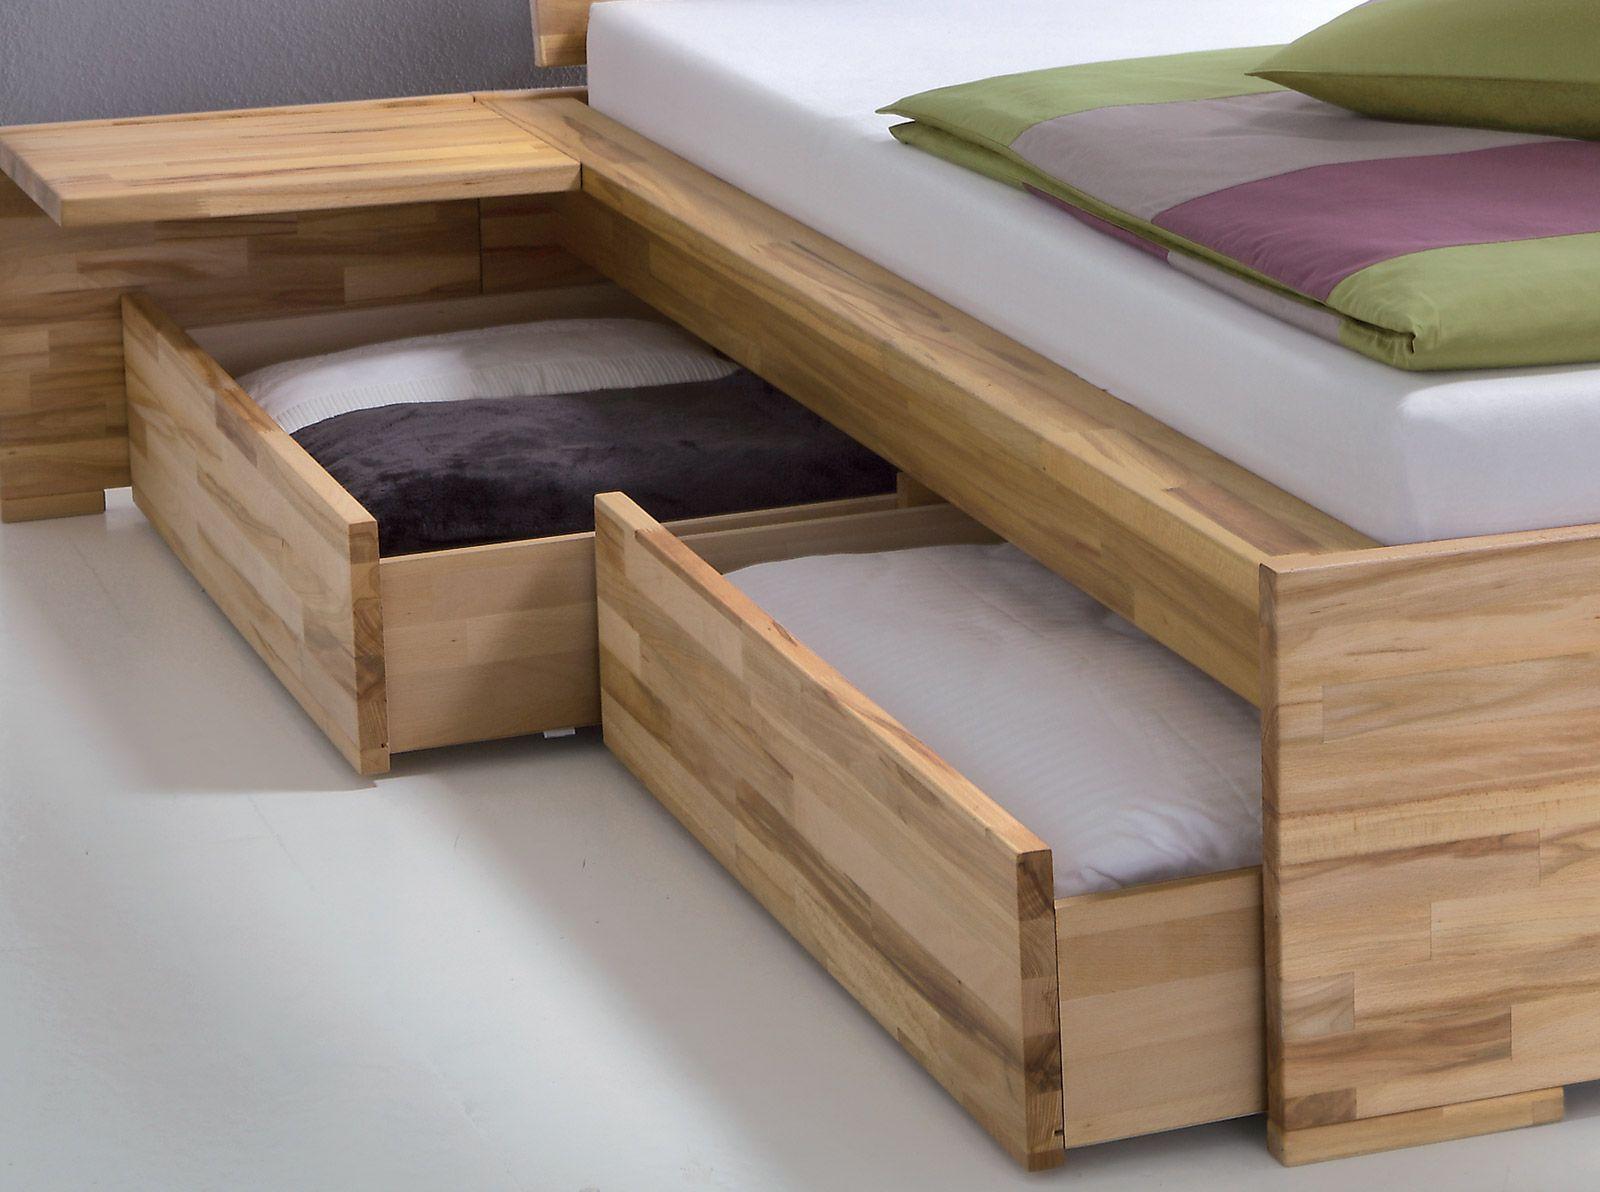 Schubkasten Doppelbett Liverpool In 2020 Bett Mobel Bett